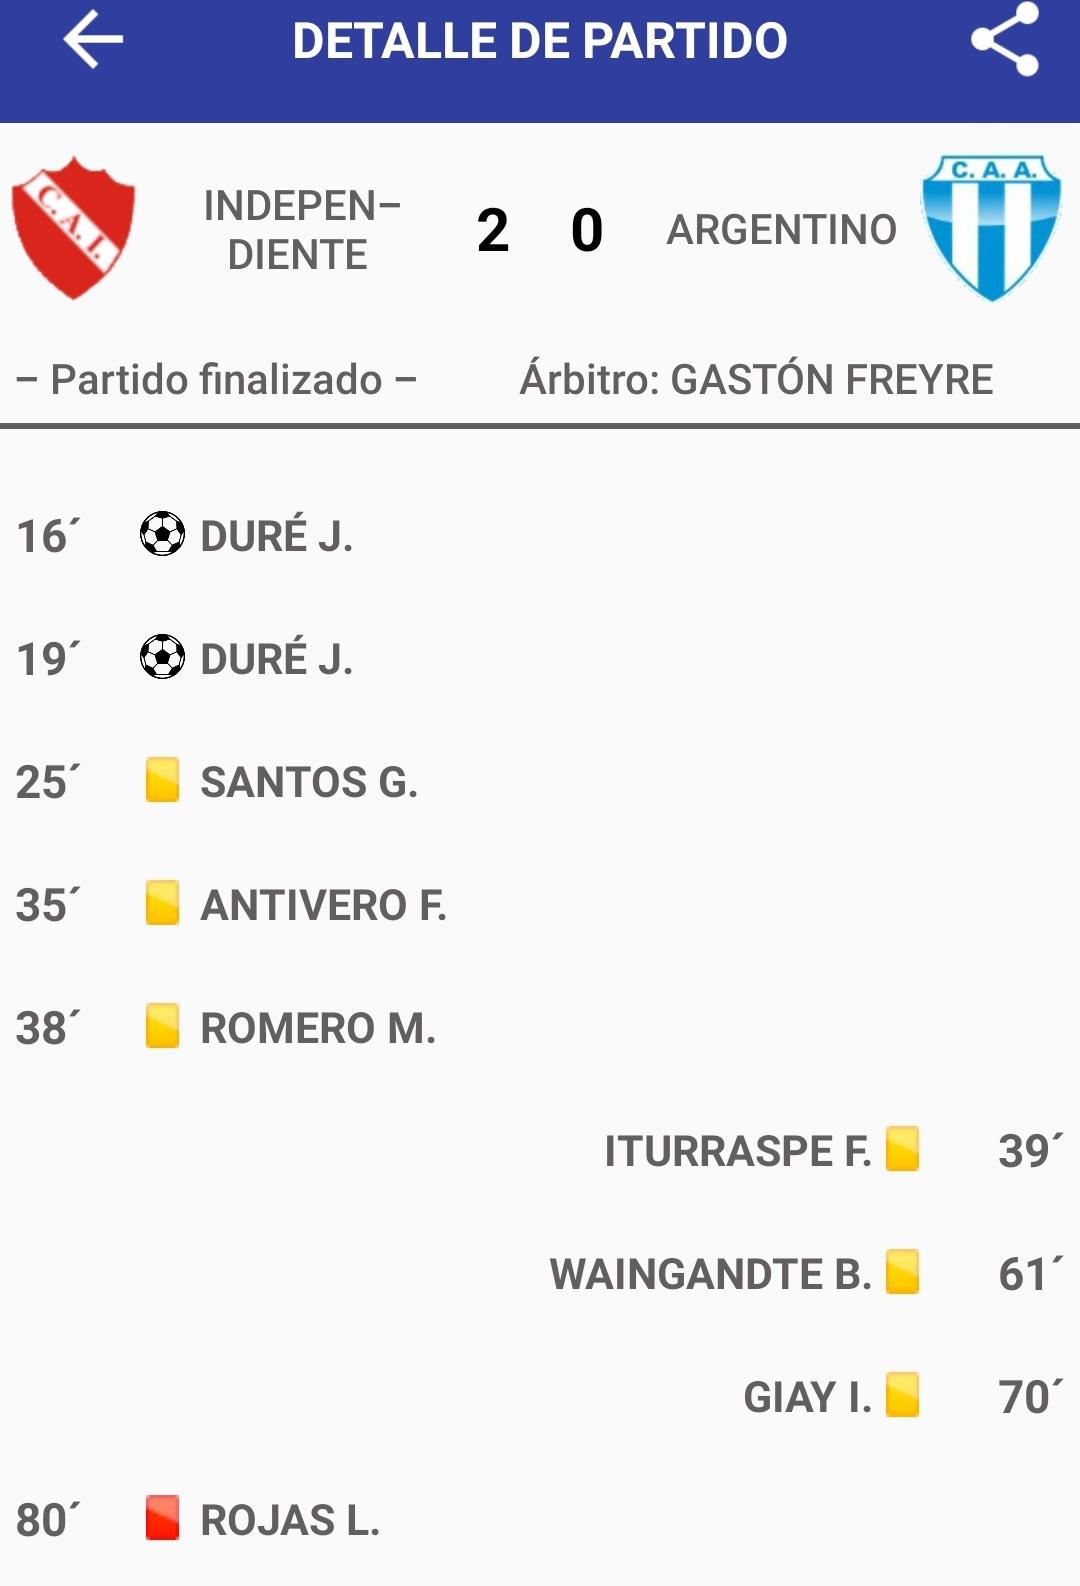 Independiente 2 - Argentino 0 (La síntesis)